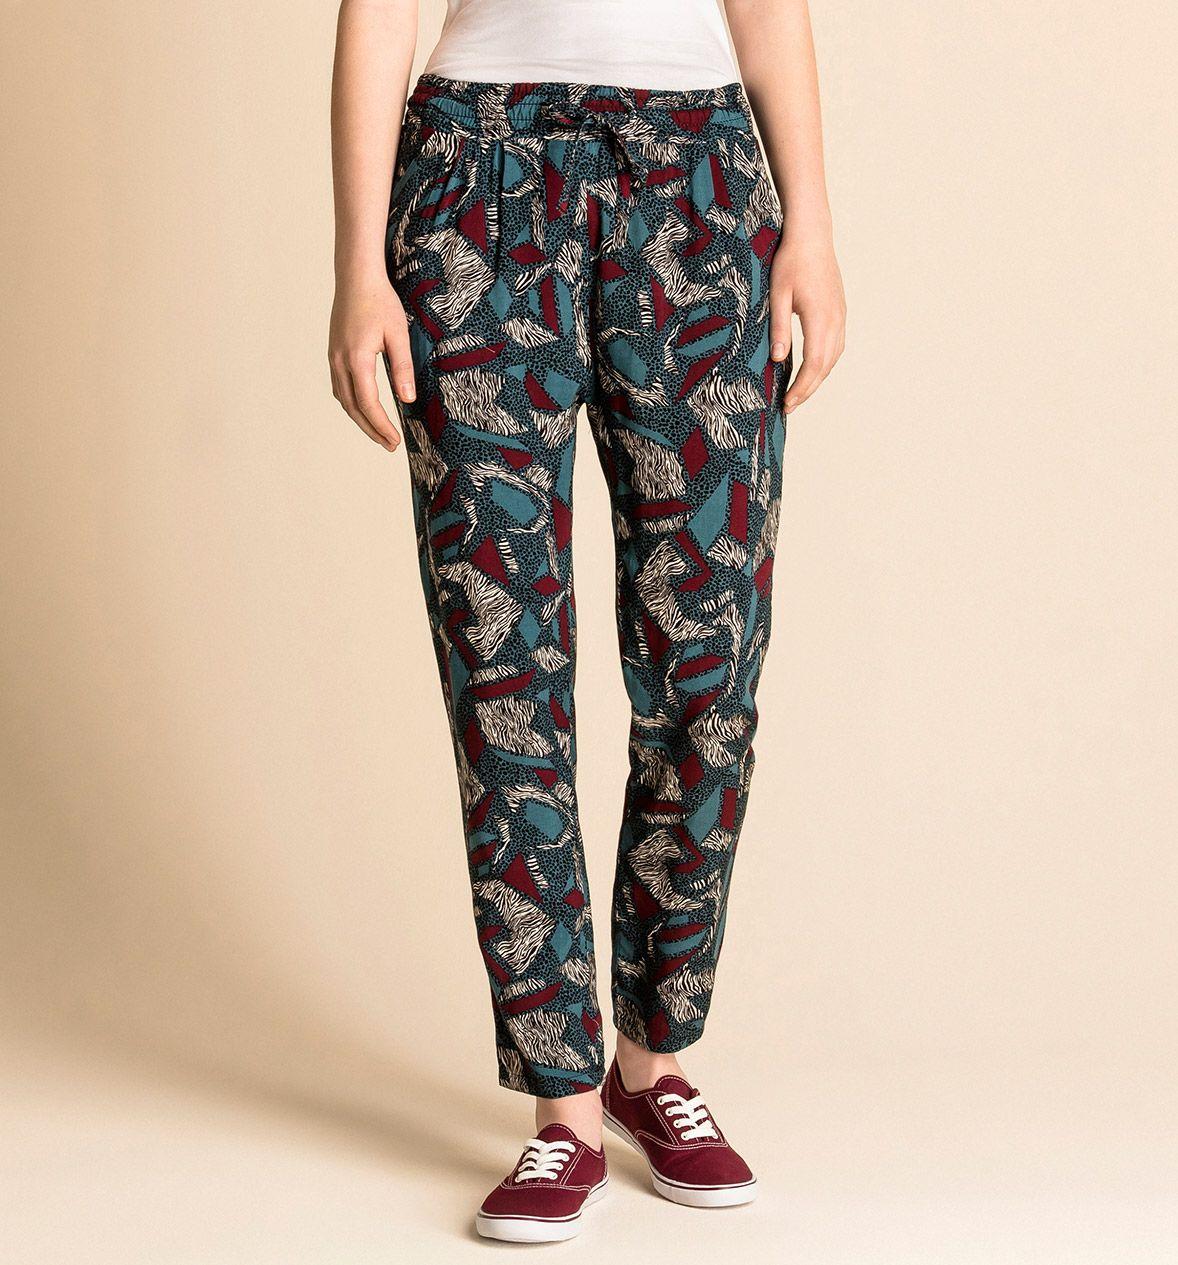 Pantalones estampado con varios colores